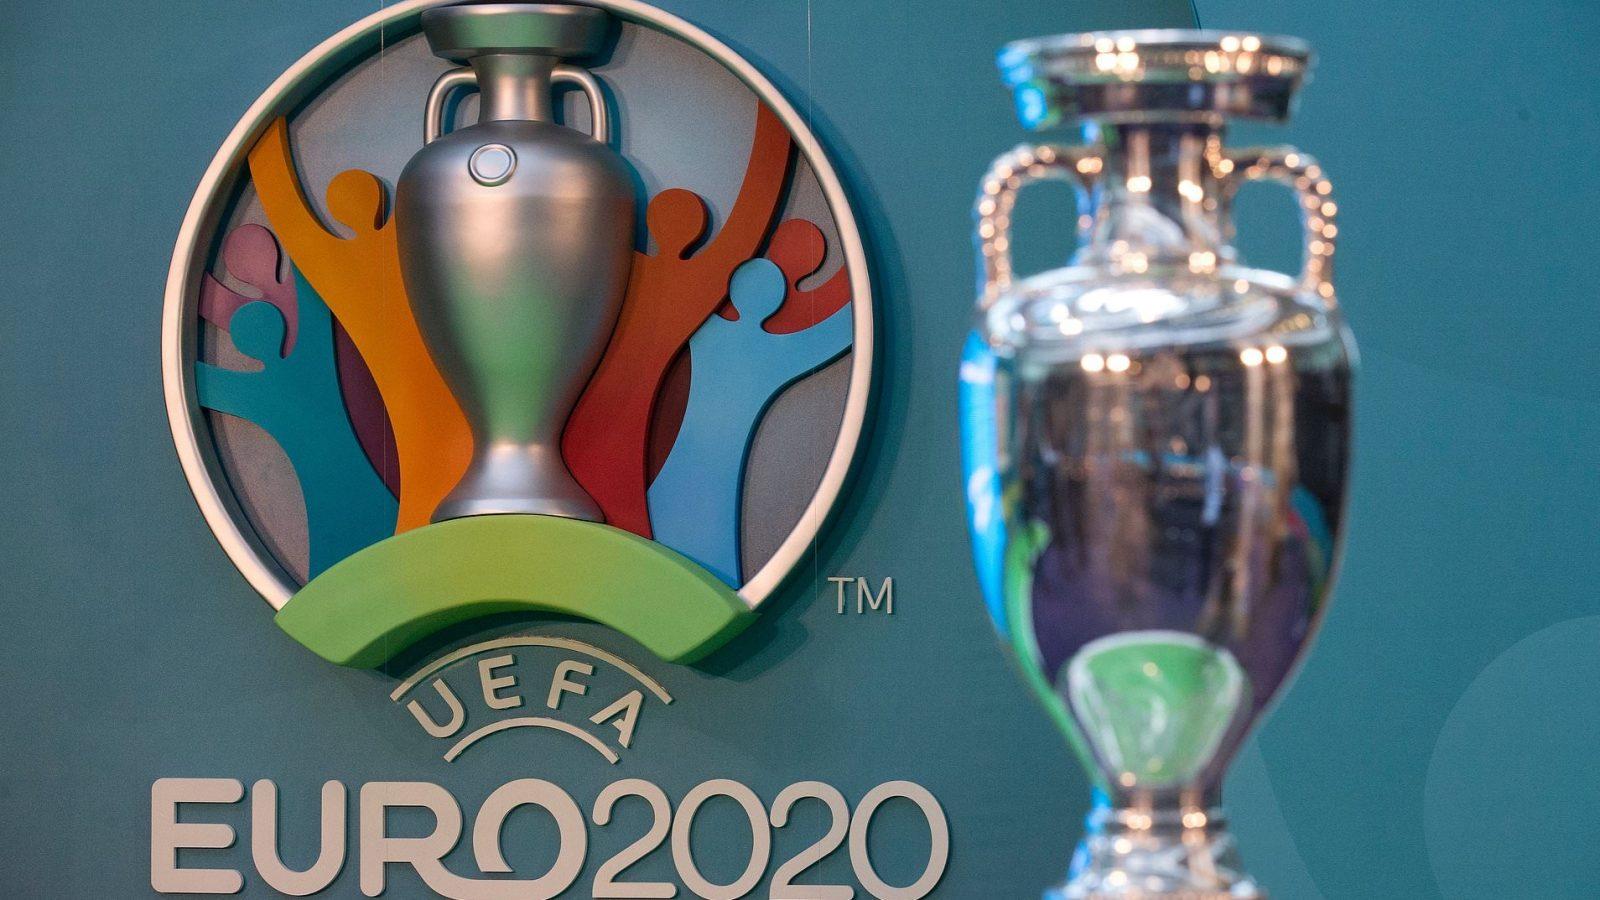 يورو2020: برنامج مقابلات يوم الاثنين